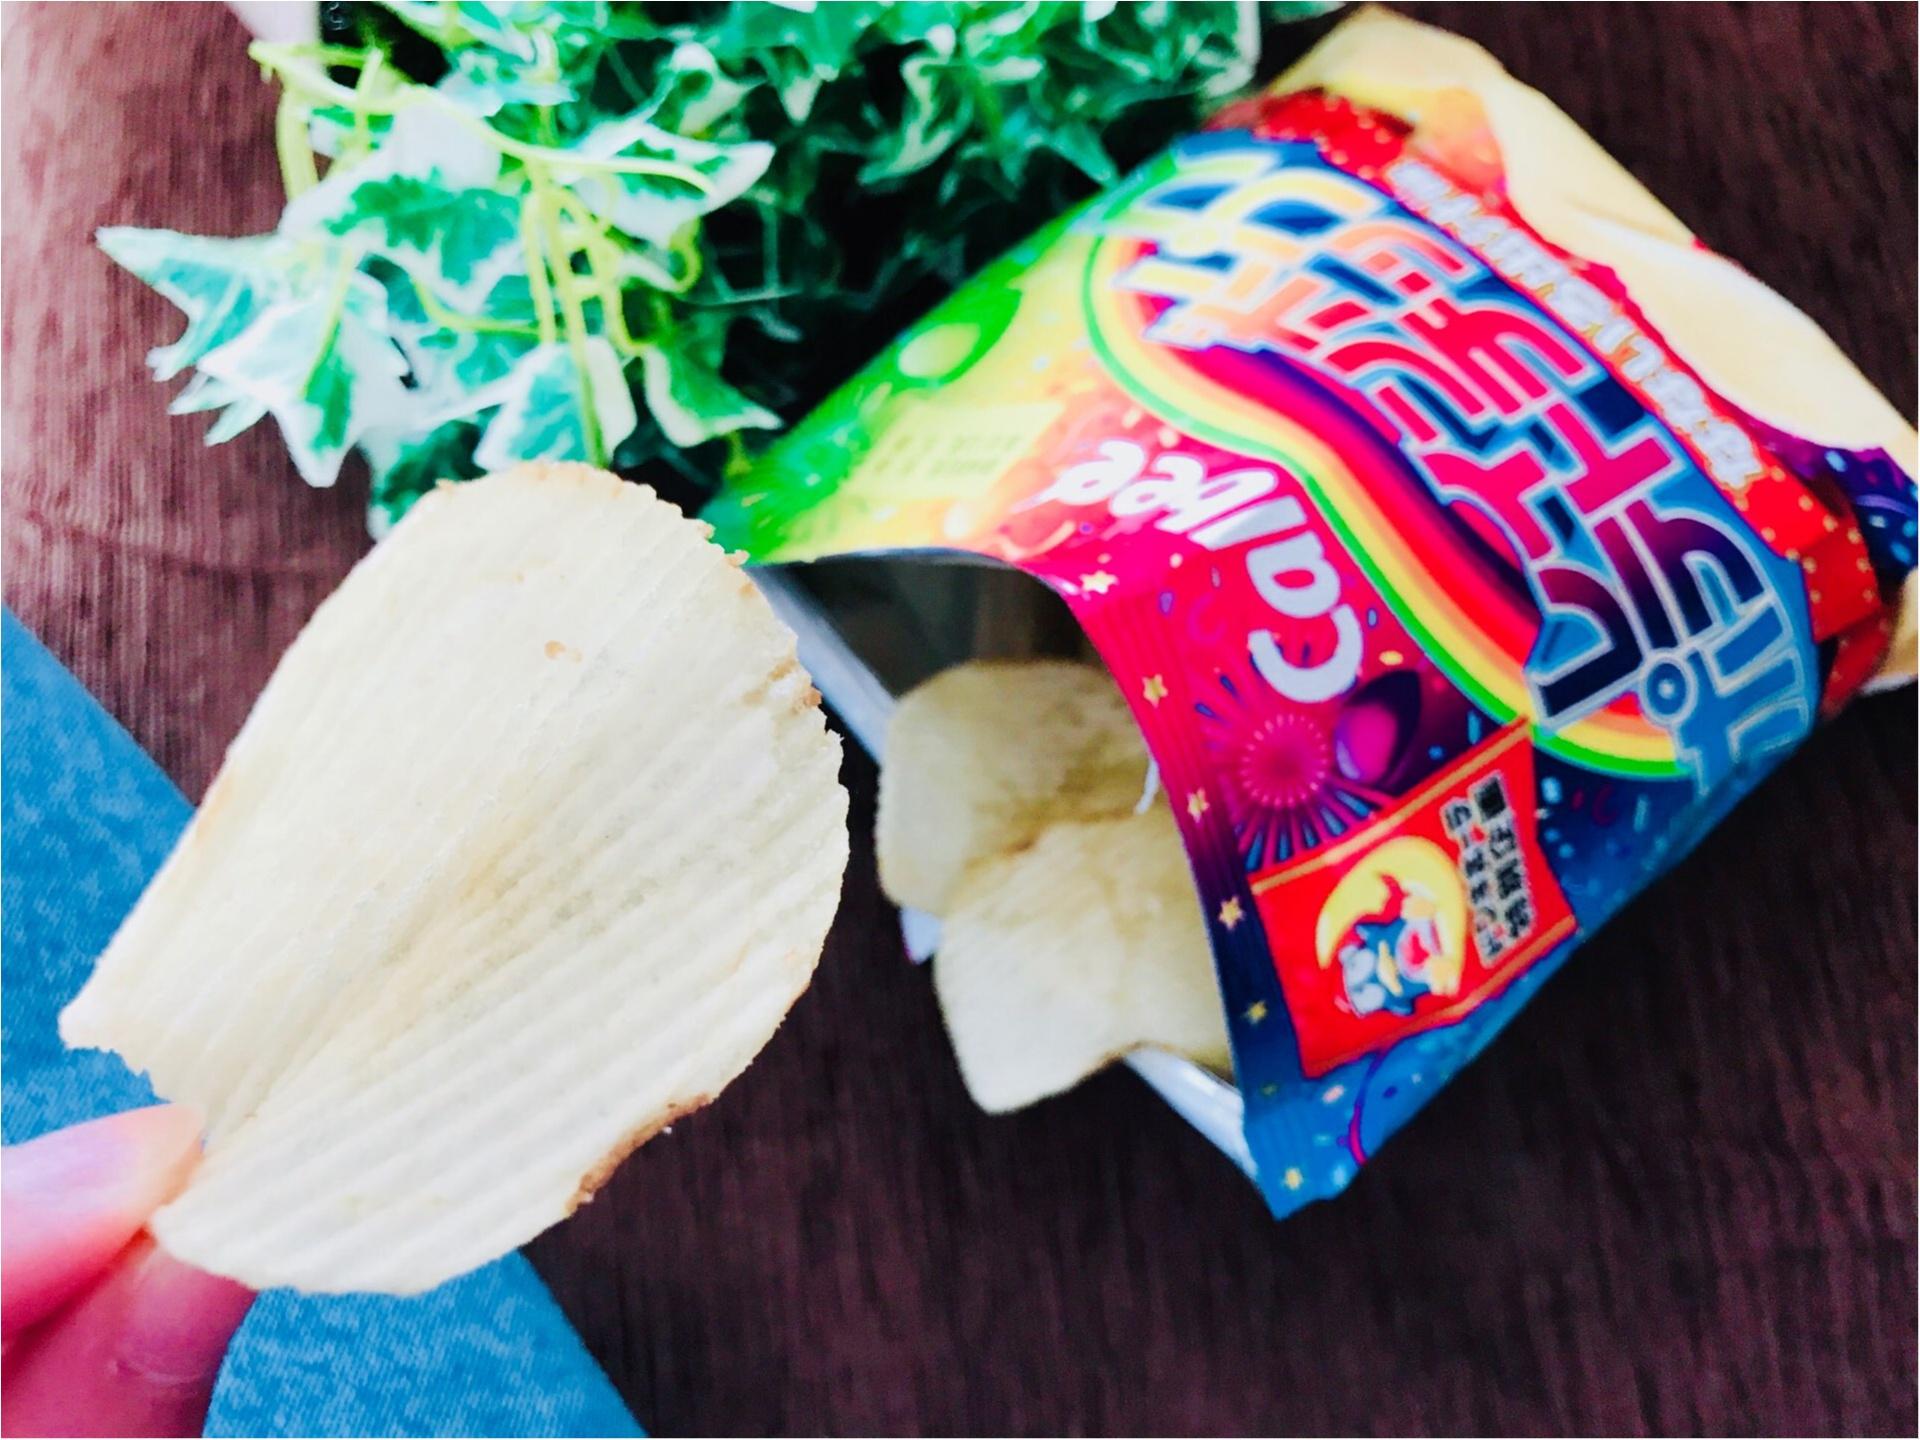 【ドンキ限定】ポテチがレインボー!?ついつい手が止まらない!《レインボーポテトチップス》がやみつきの味❤︎見つけたら即買い必至ですよ〜♡♡_3